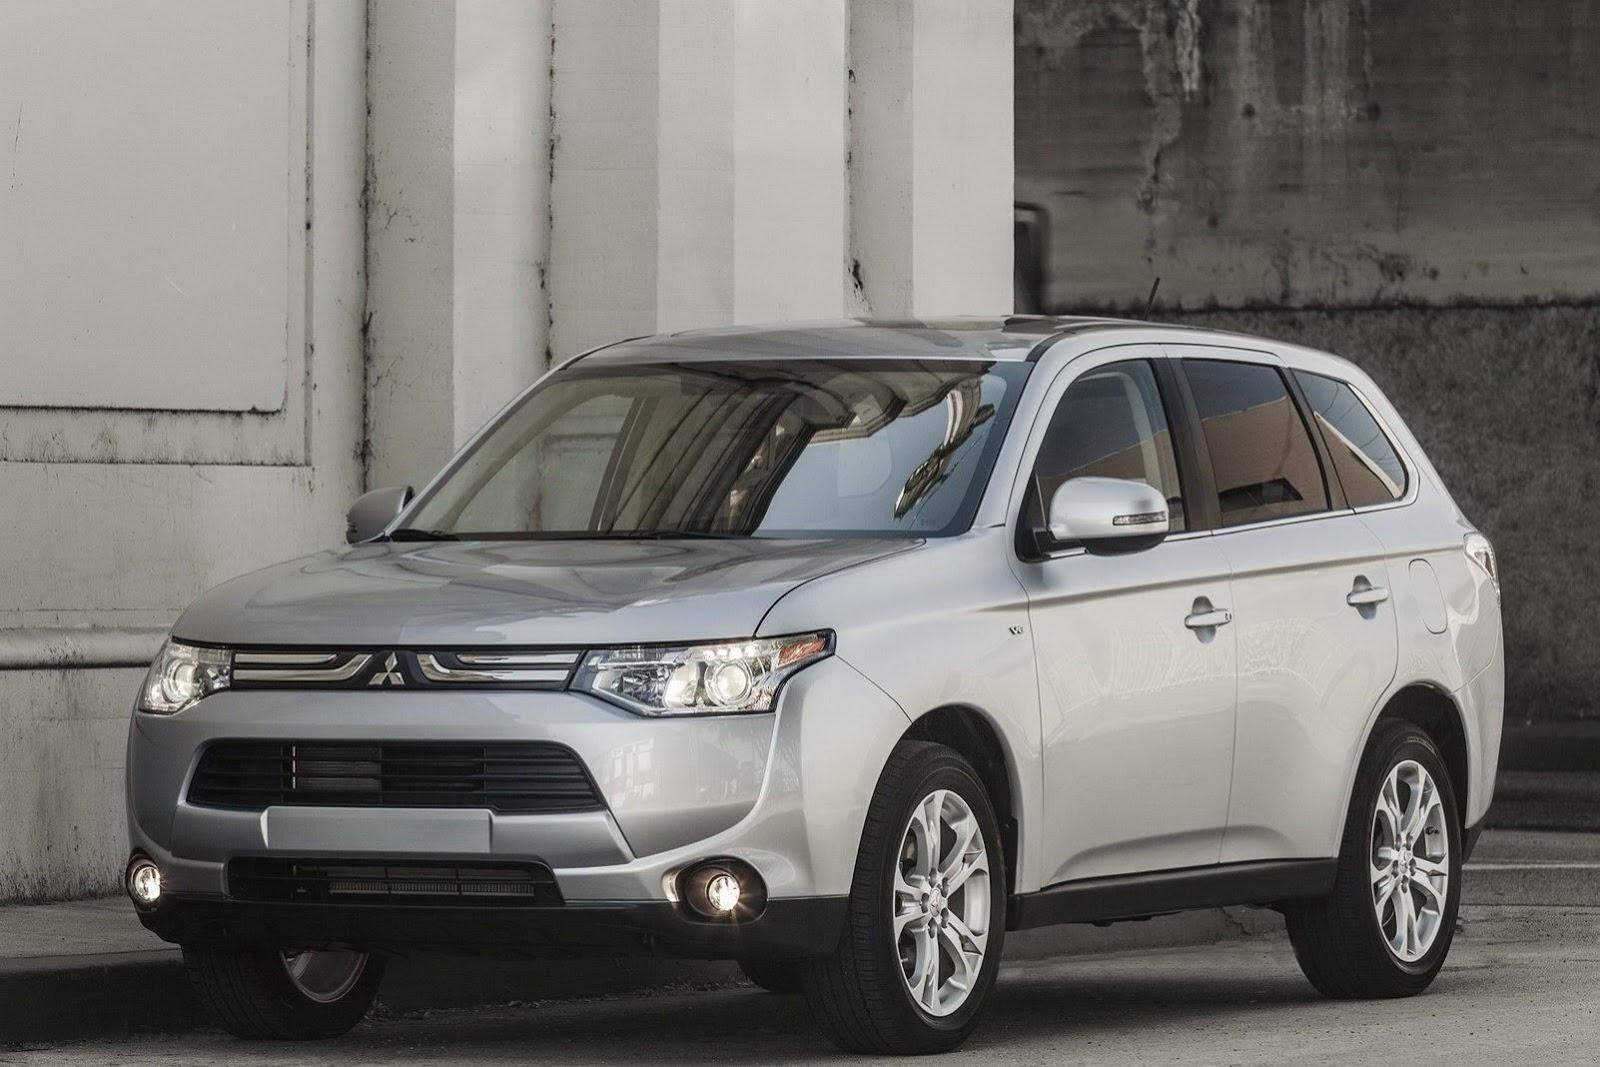 Mitsubishi Outlander 2014 Price 2014 Mitsubishi Outlan...